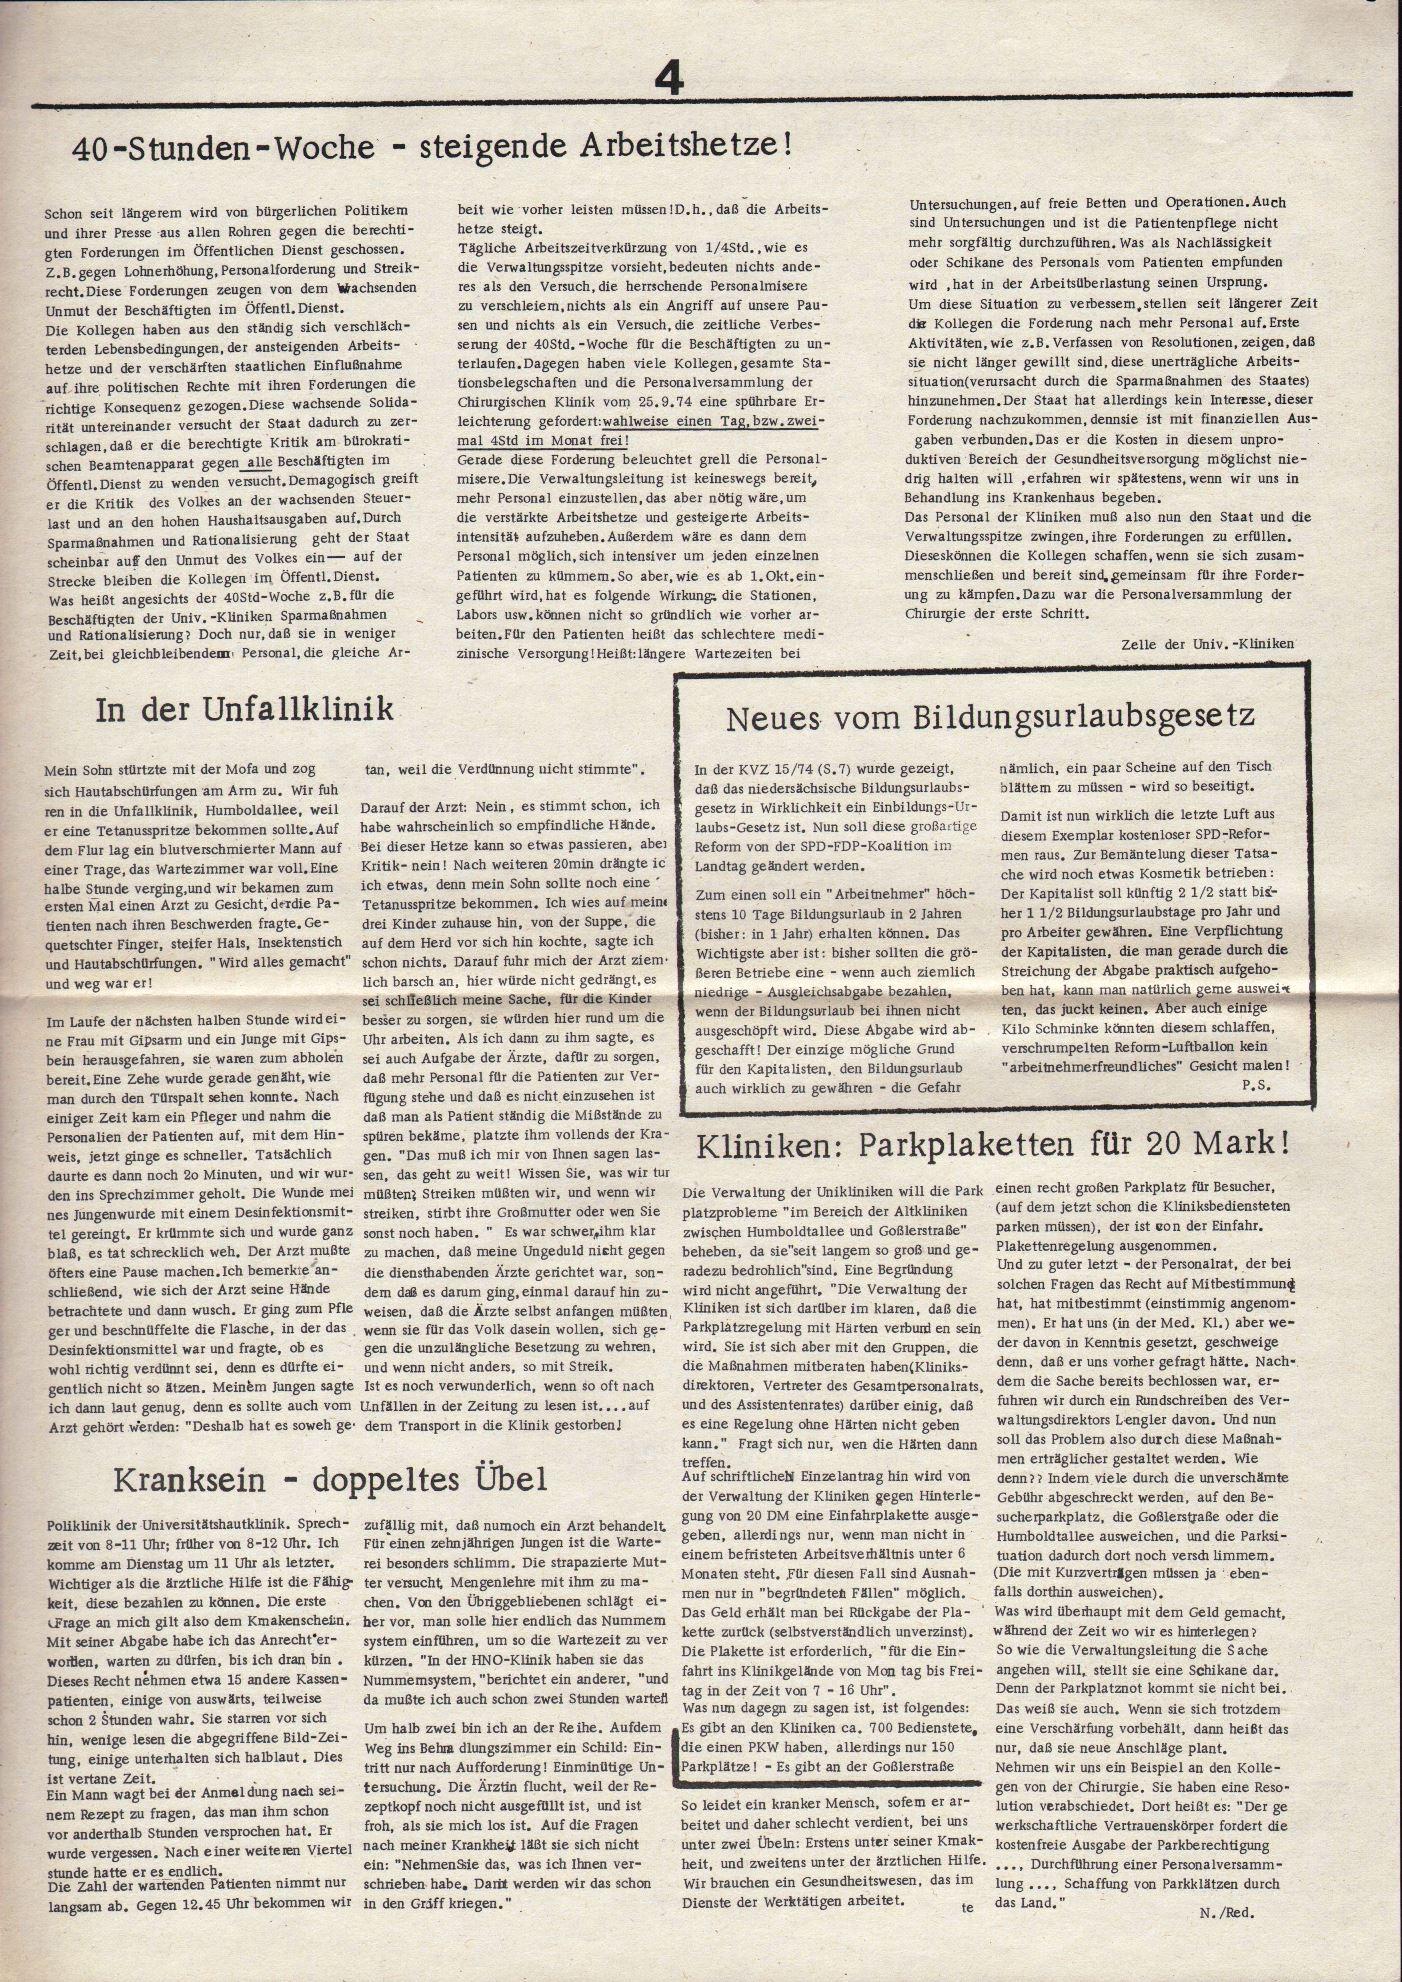 Goettingen_KVZ053